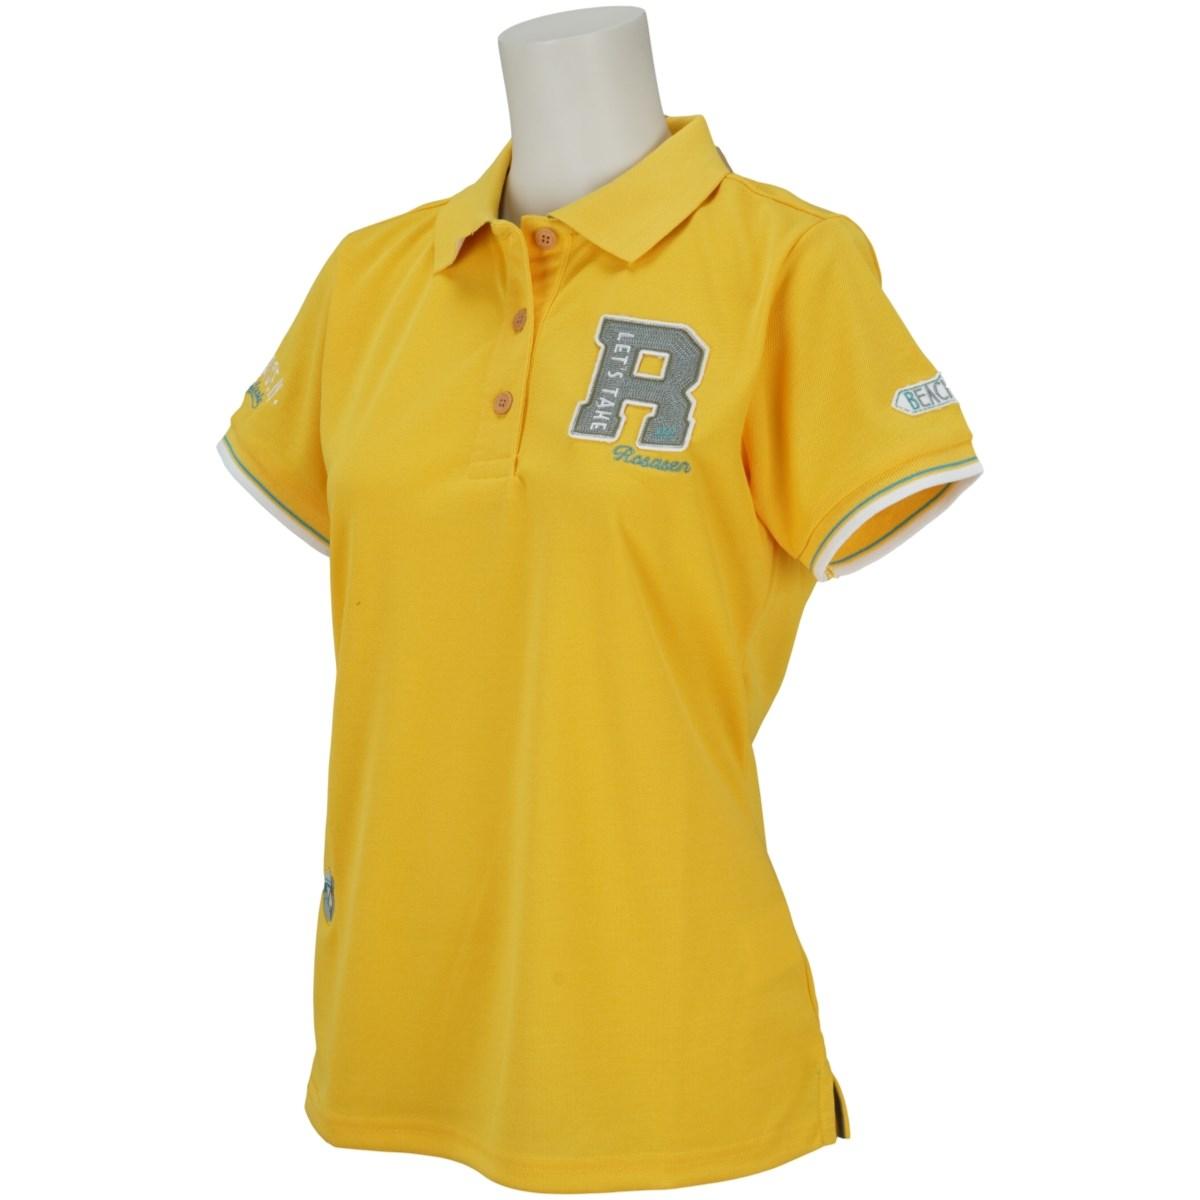 ロサーセン ROSASEN 鹿の子ロゴ盛り半袖ポロシャツ 40(M) イエロー 033 レディス